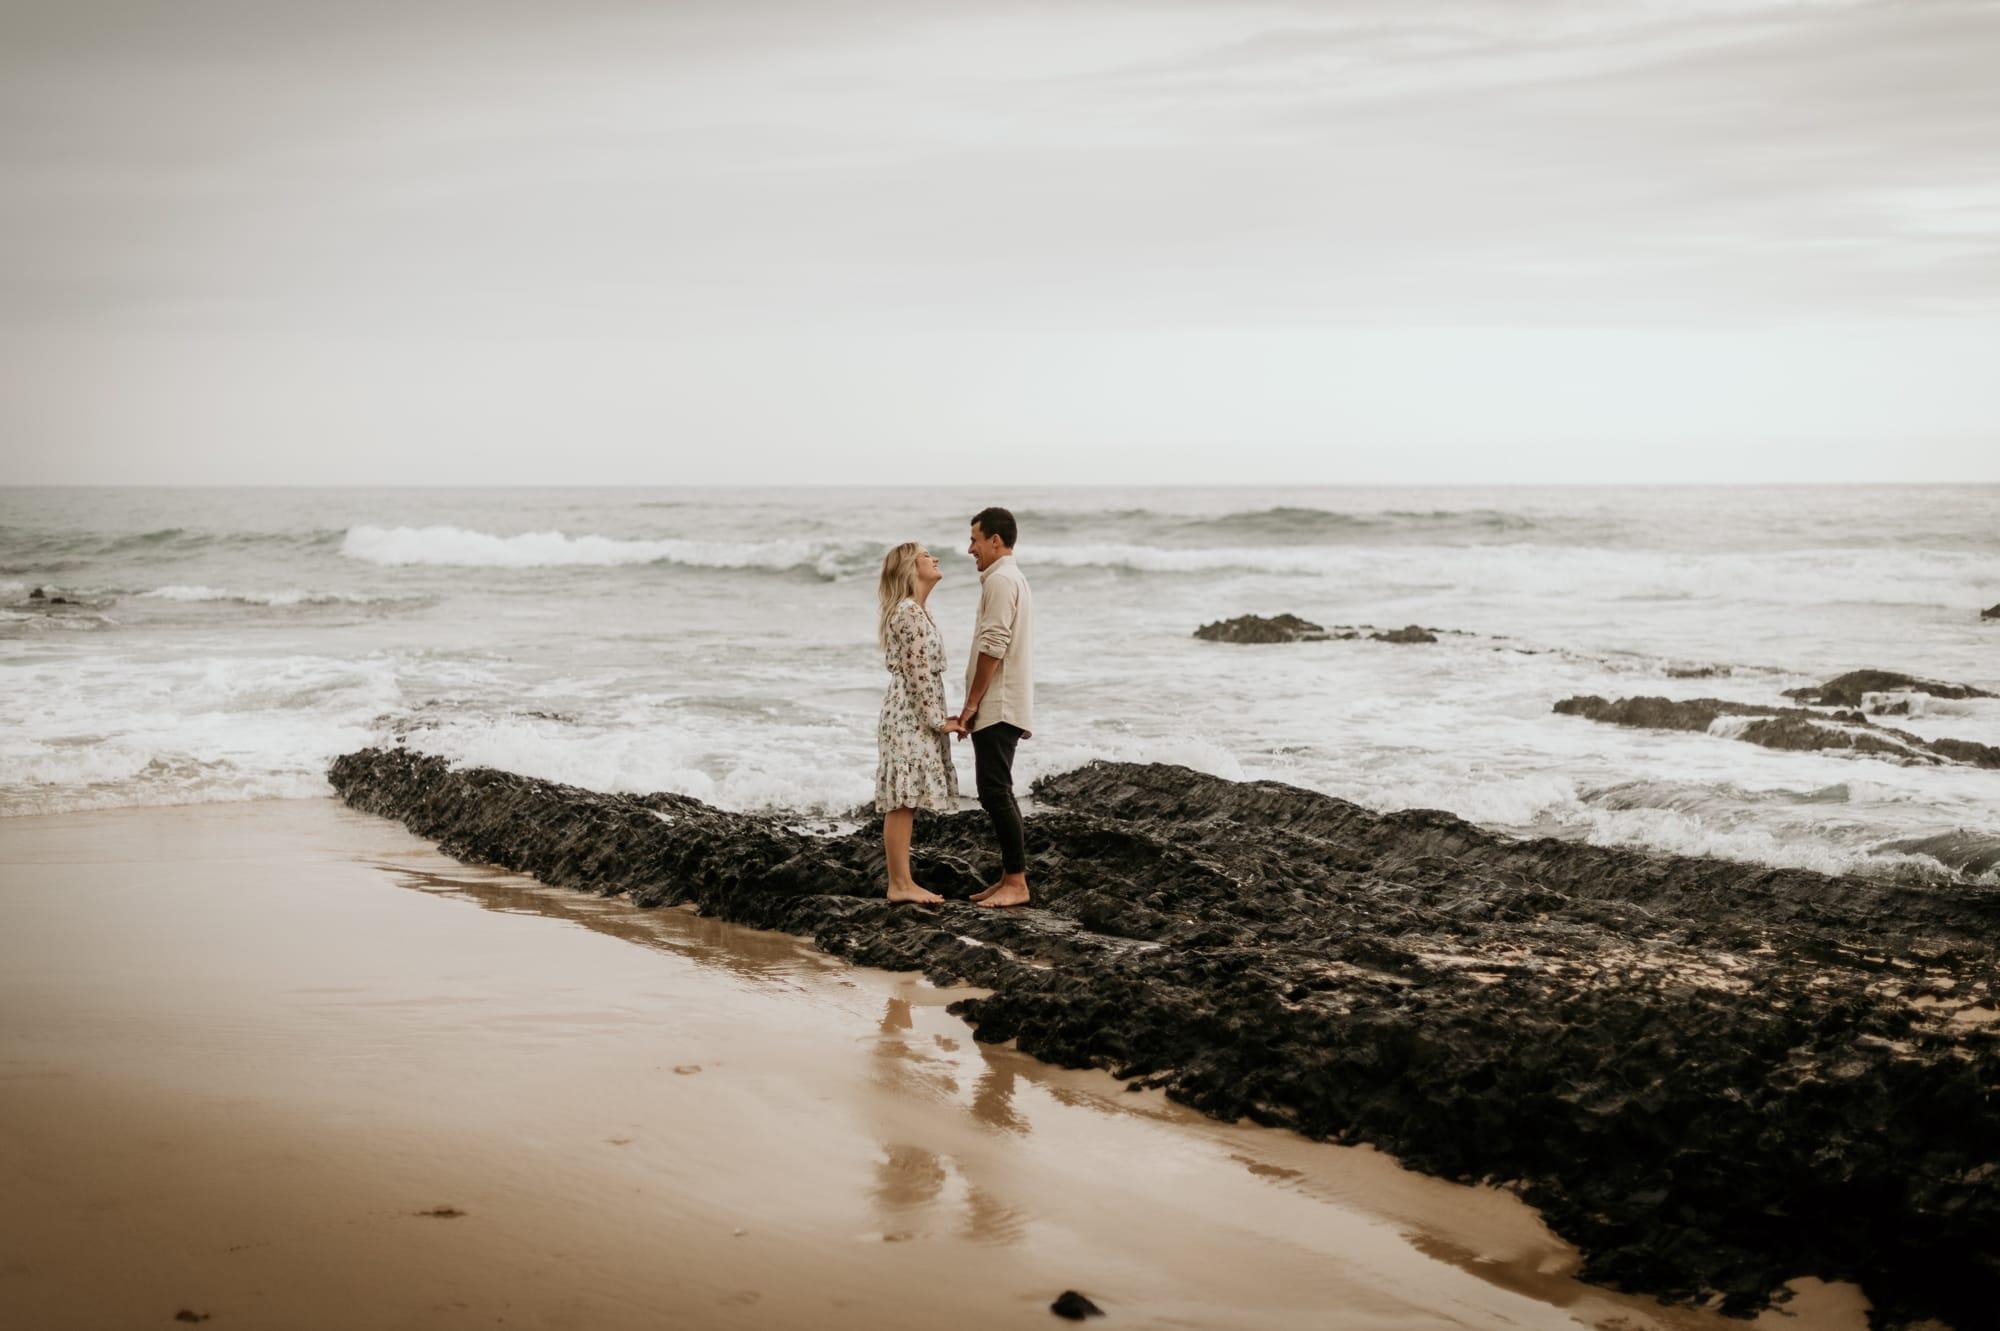 M+J-Couple-Session-June-Richards-Photography-Destination-Weddings-Elopements-Garden-Route-34